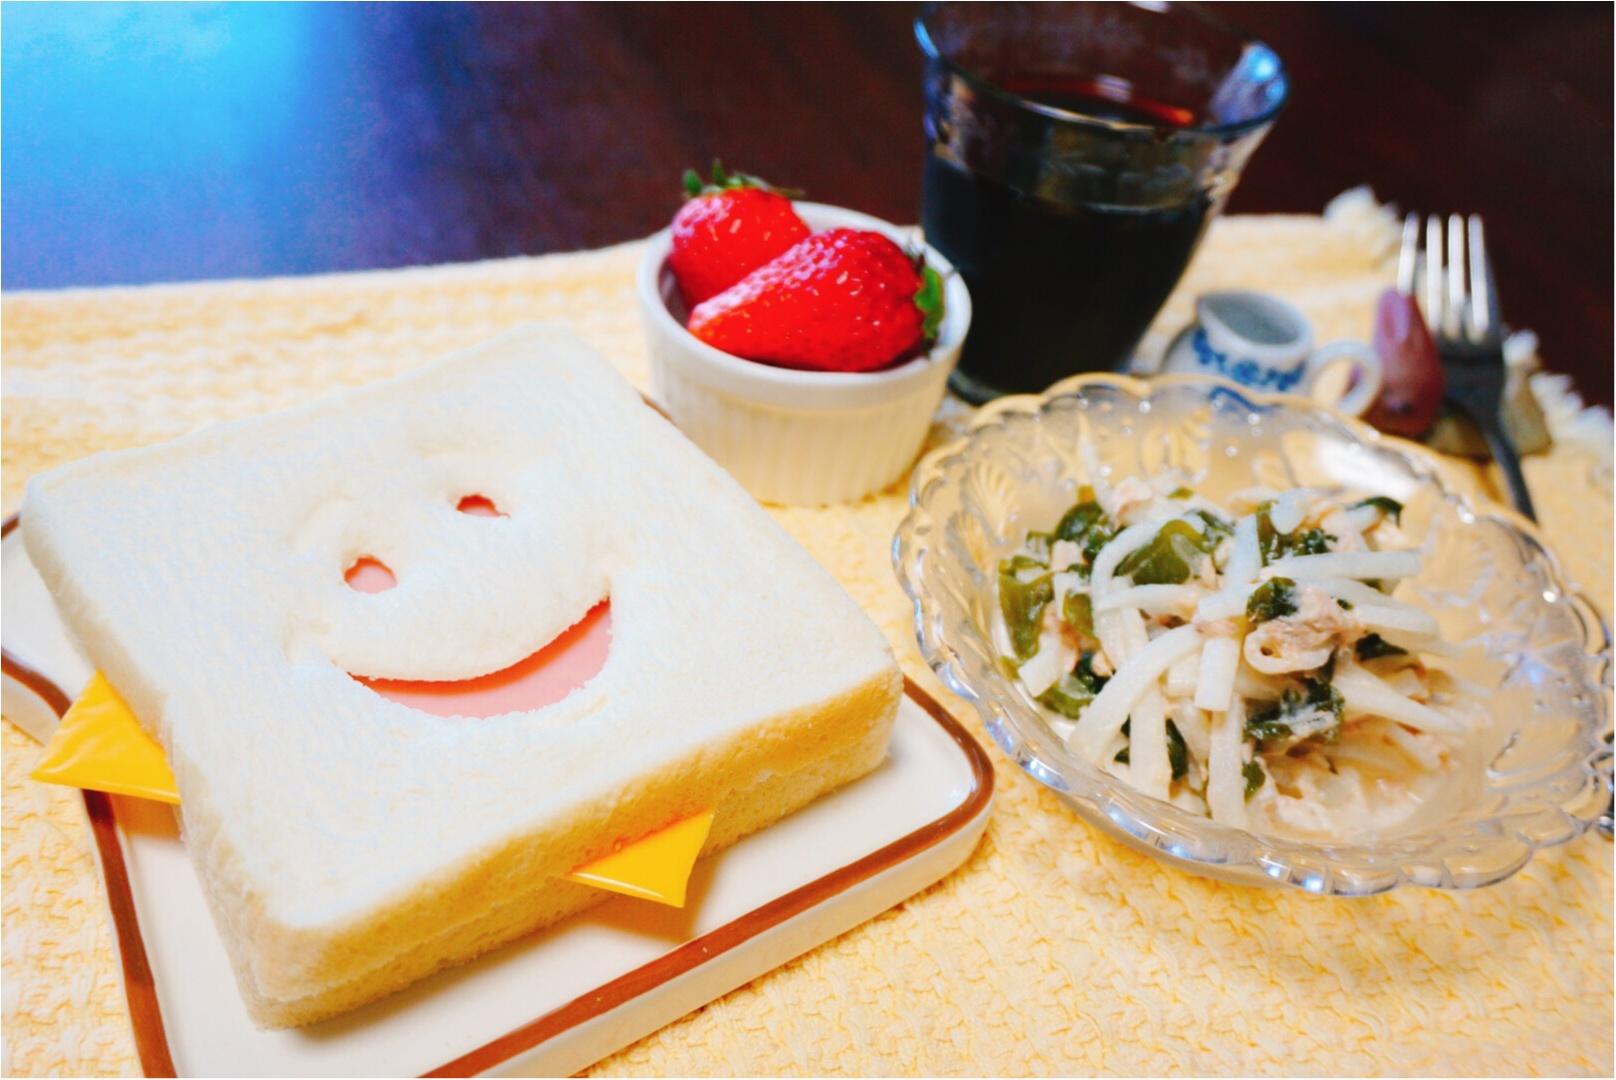 《朝からほっこり♡》SNSで話題の『ブレッドカッター』でいつもの食卓を楽しくしちゃおう♪_6